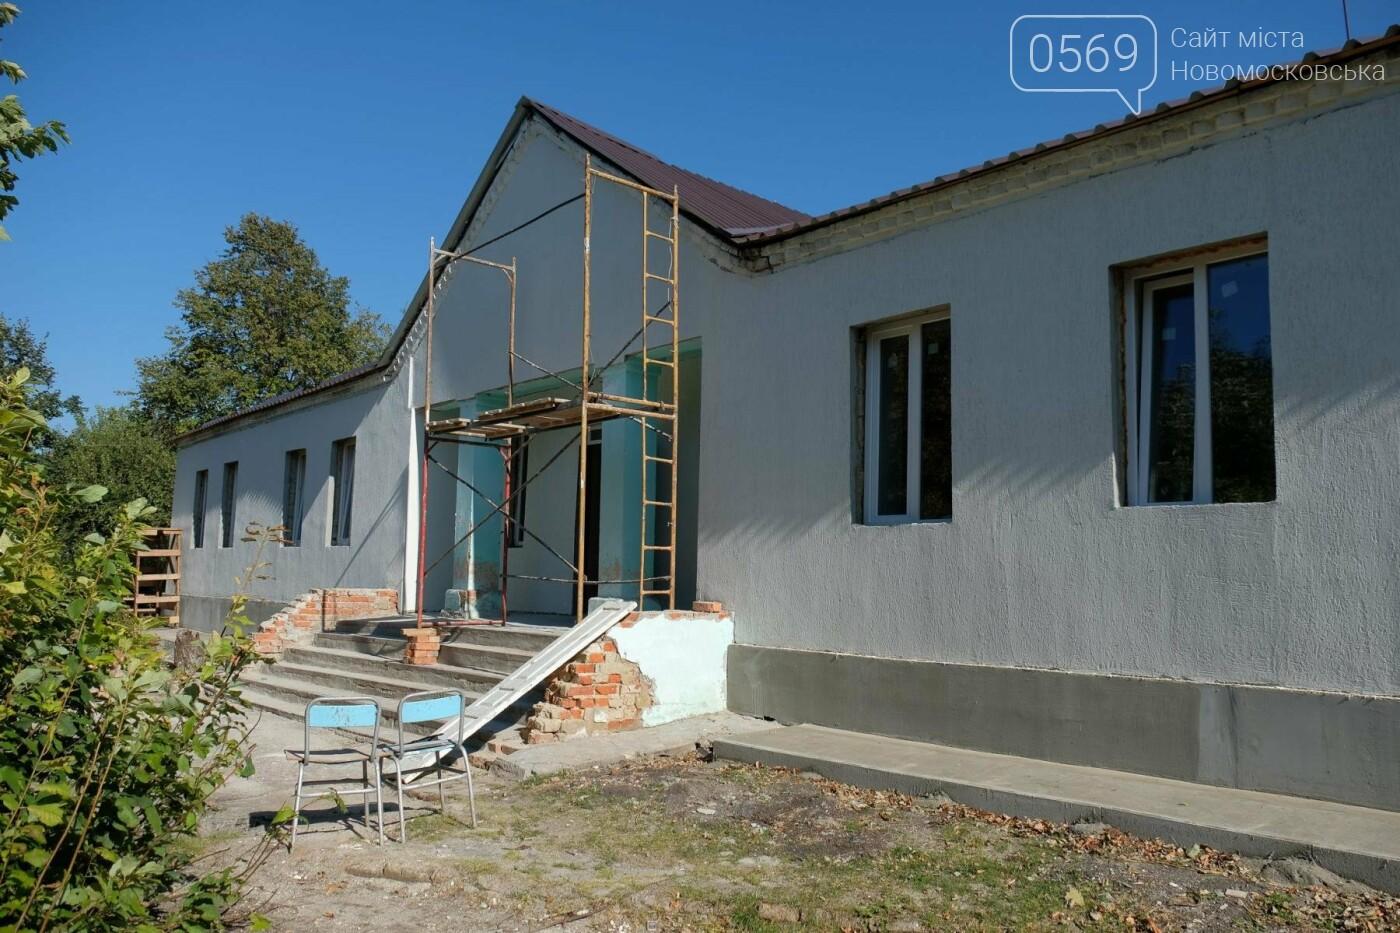 В Новомосковском районе реконструируют амбулаторию, фото-6